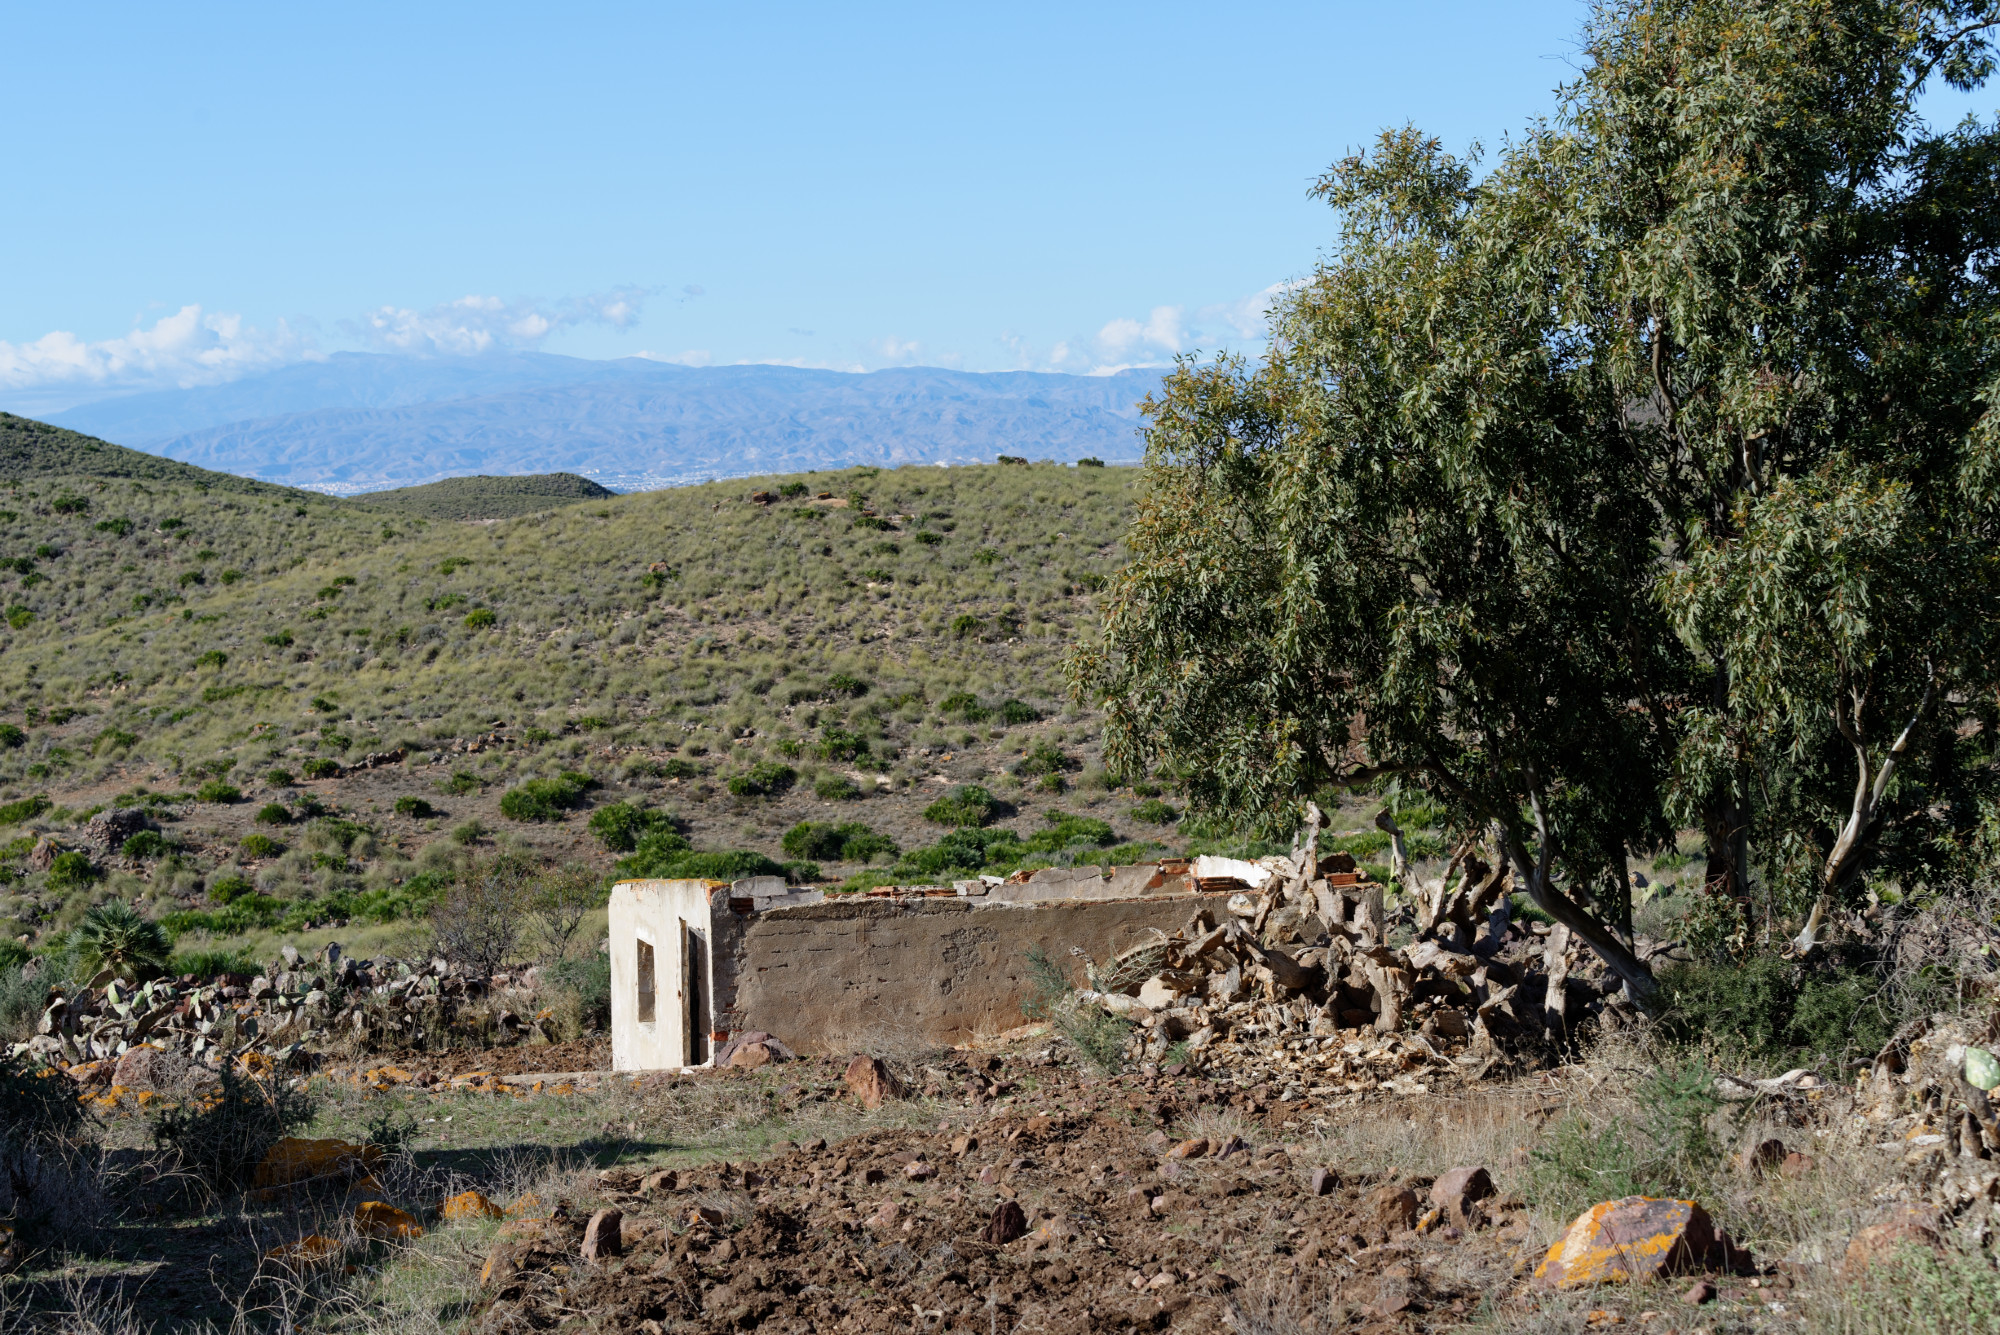 171212-Marche La Boca de los Frailes vers Cerro de Limones (25) (Cabo de Gata-Andalousie)